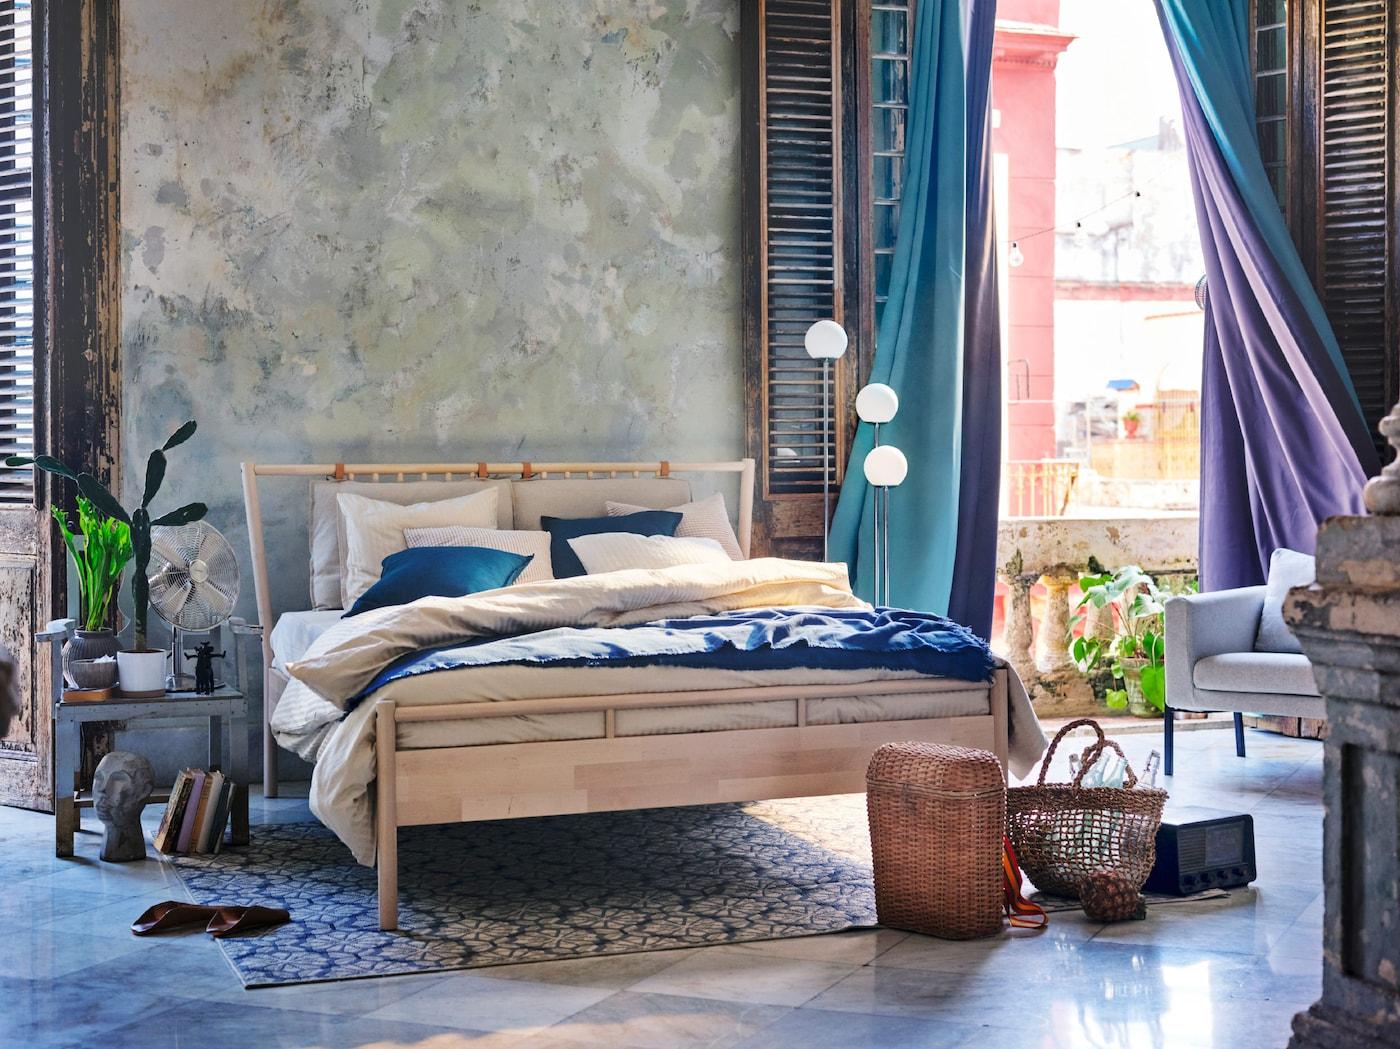 Plavo-siva spavaća soba s tirkiznim i ljubičastim zavesama za zamračivanje, koje se vijore na vetru.